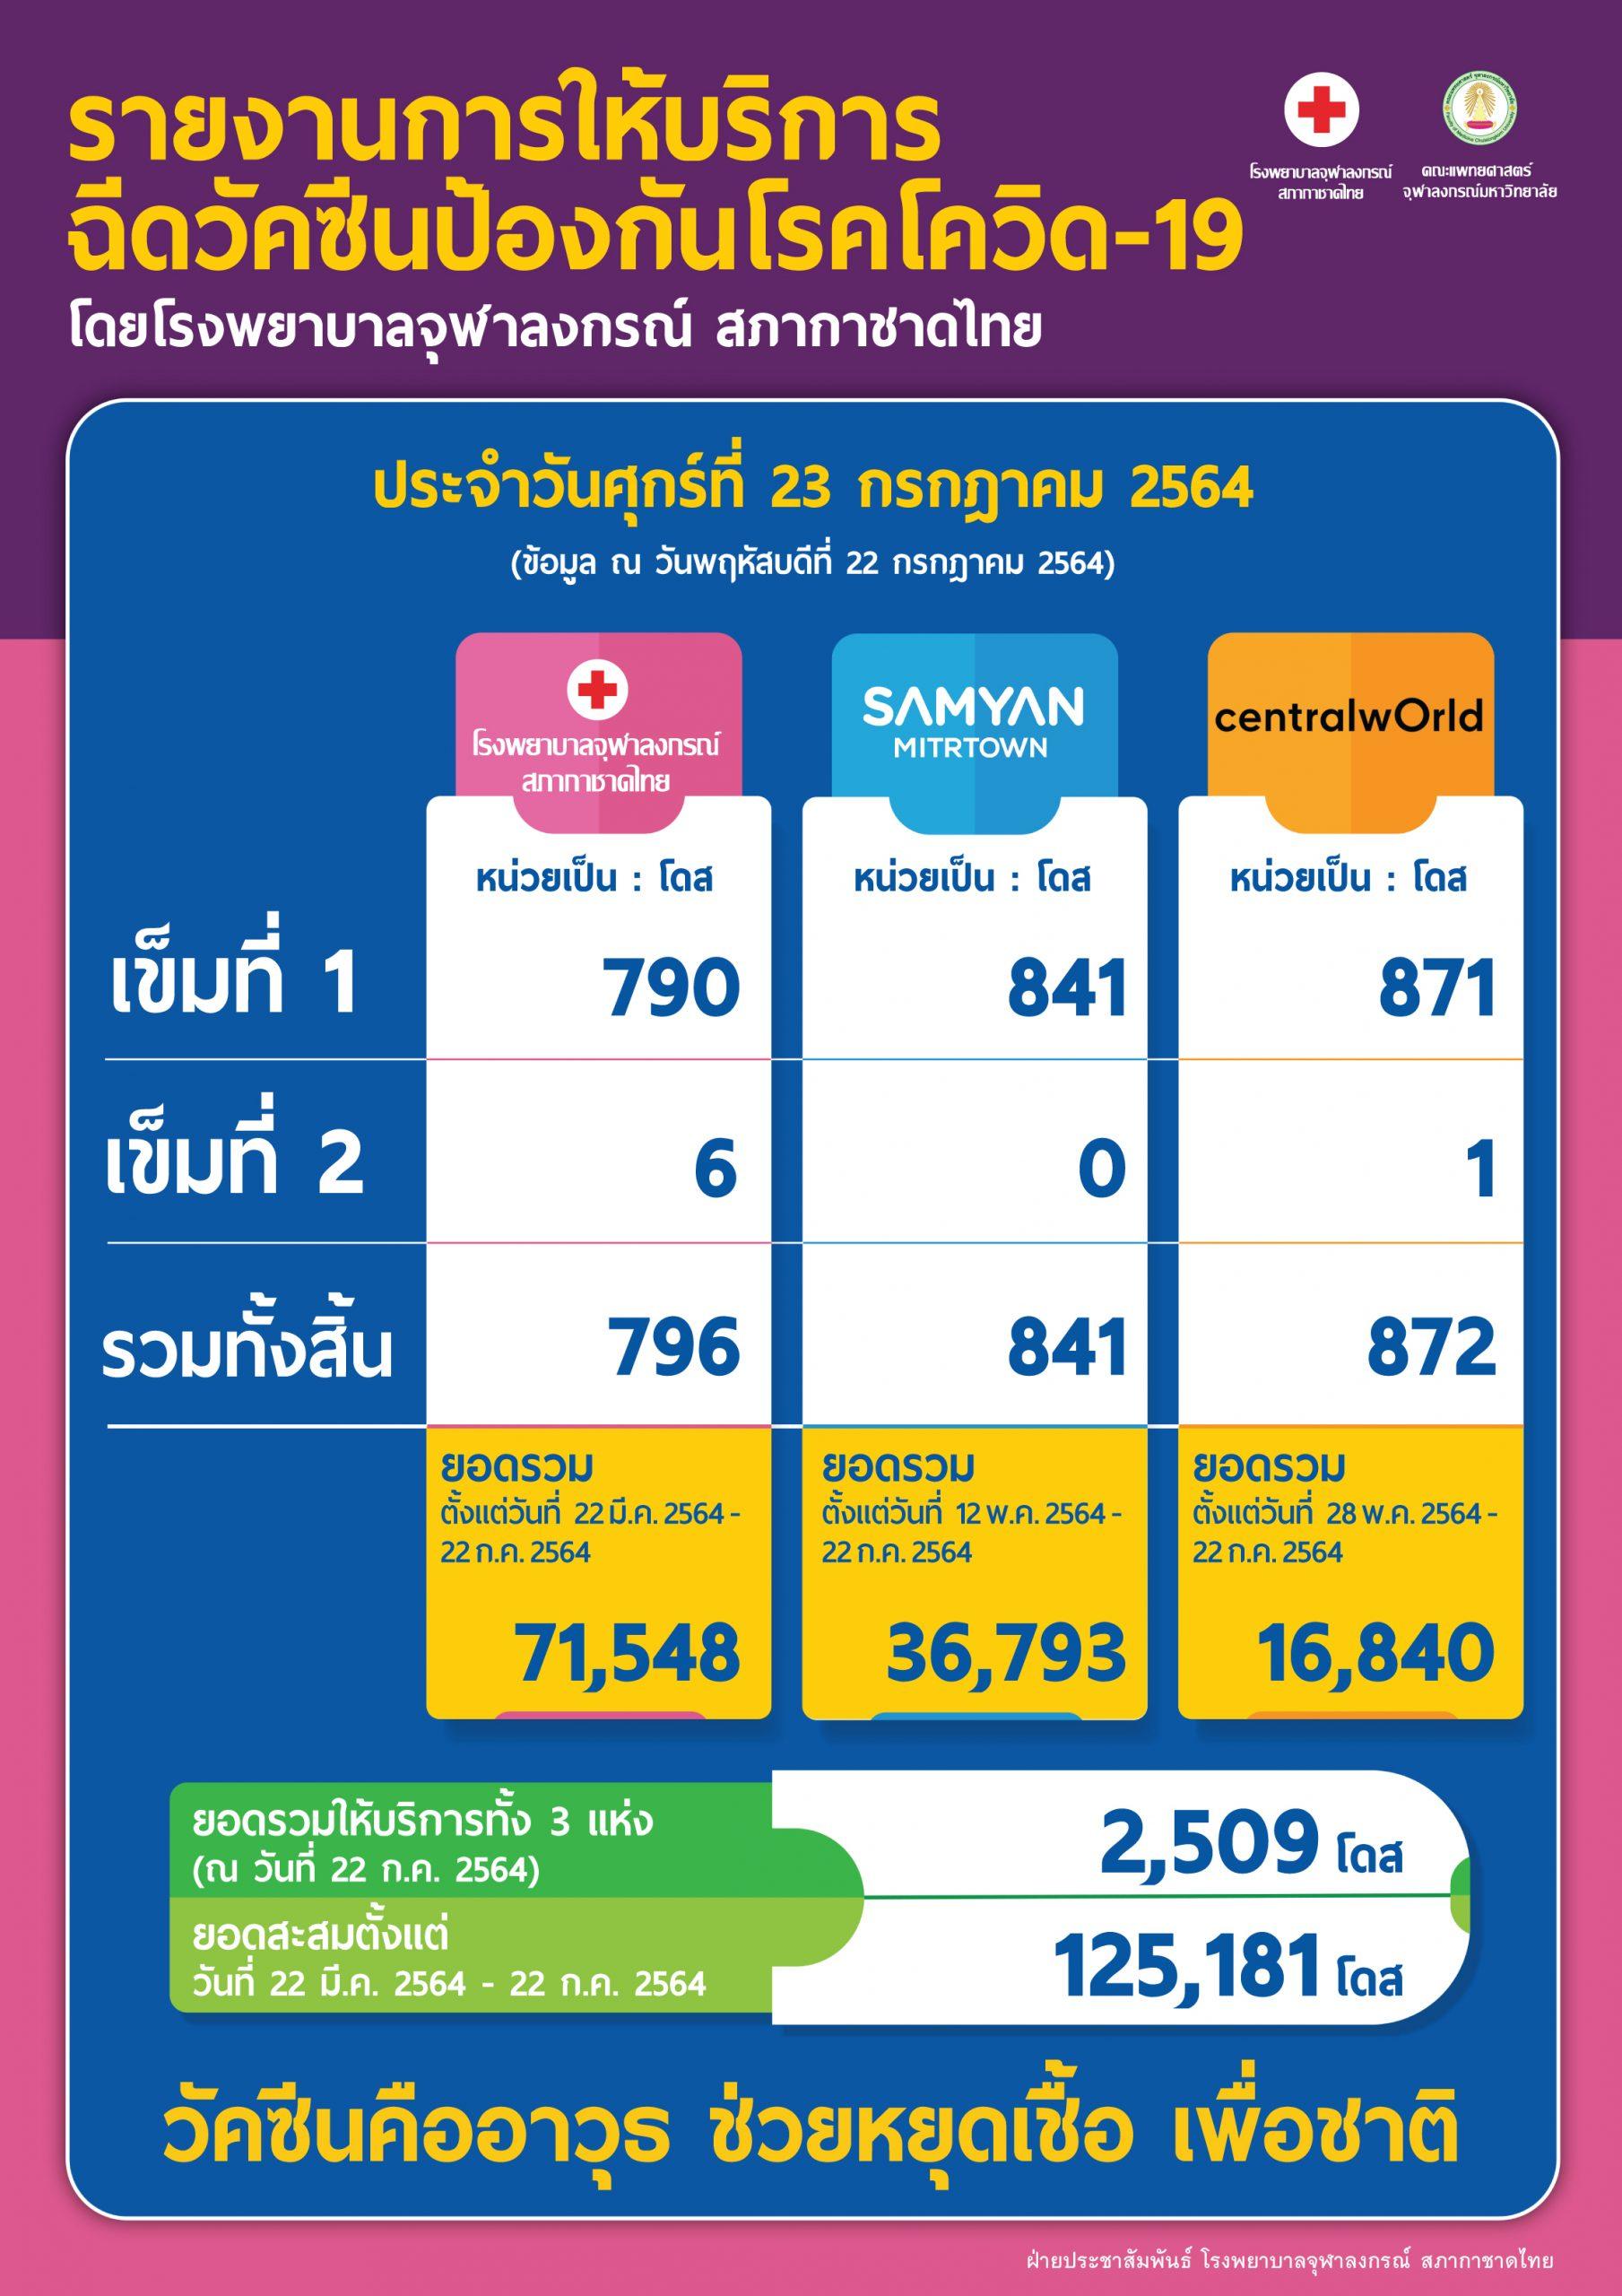 รายงานการให้บริการฉีดวัคซีนป้องกันโรคโควิด-19 โดยโรงพยาบาลจุฬาลงกรณ์ สภากาชาดไทย ประจำวันศุกร์ที่ 23 กรกฎาคม 2564